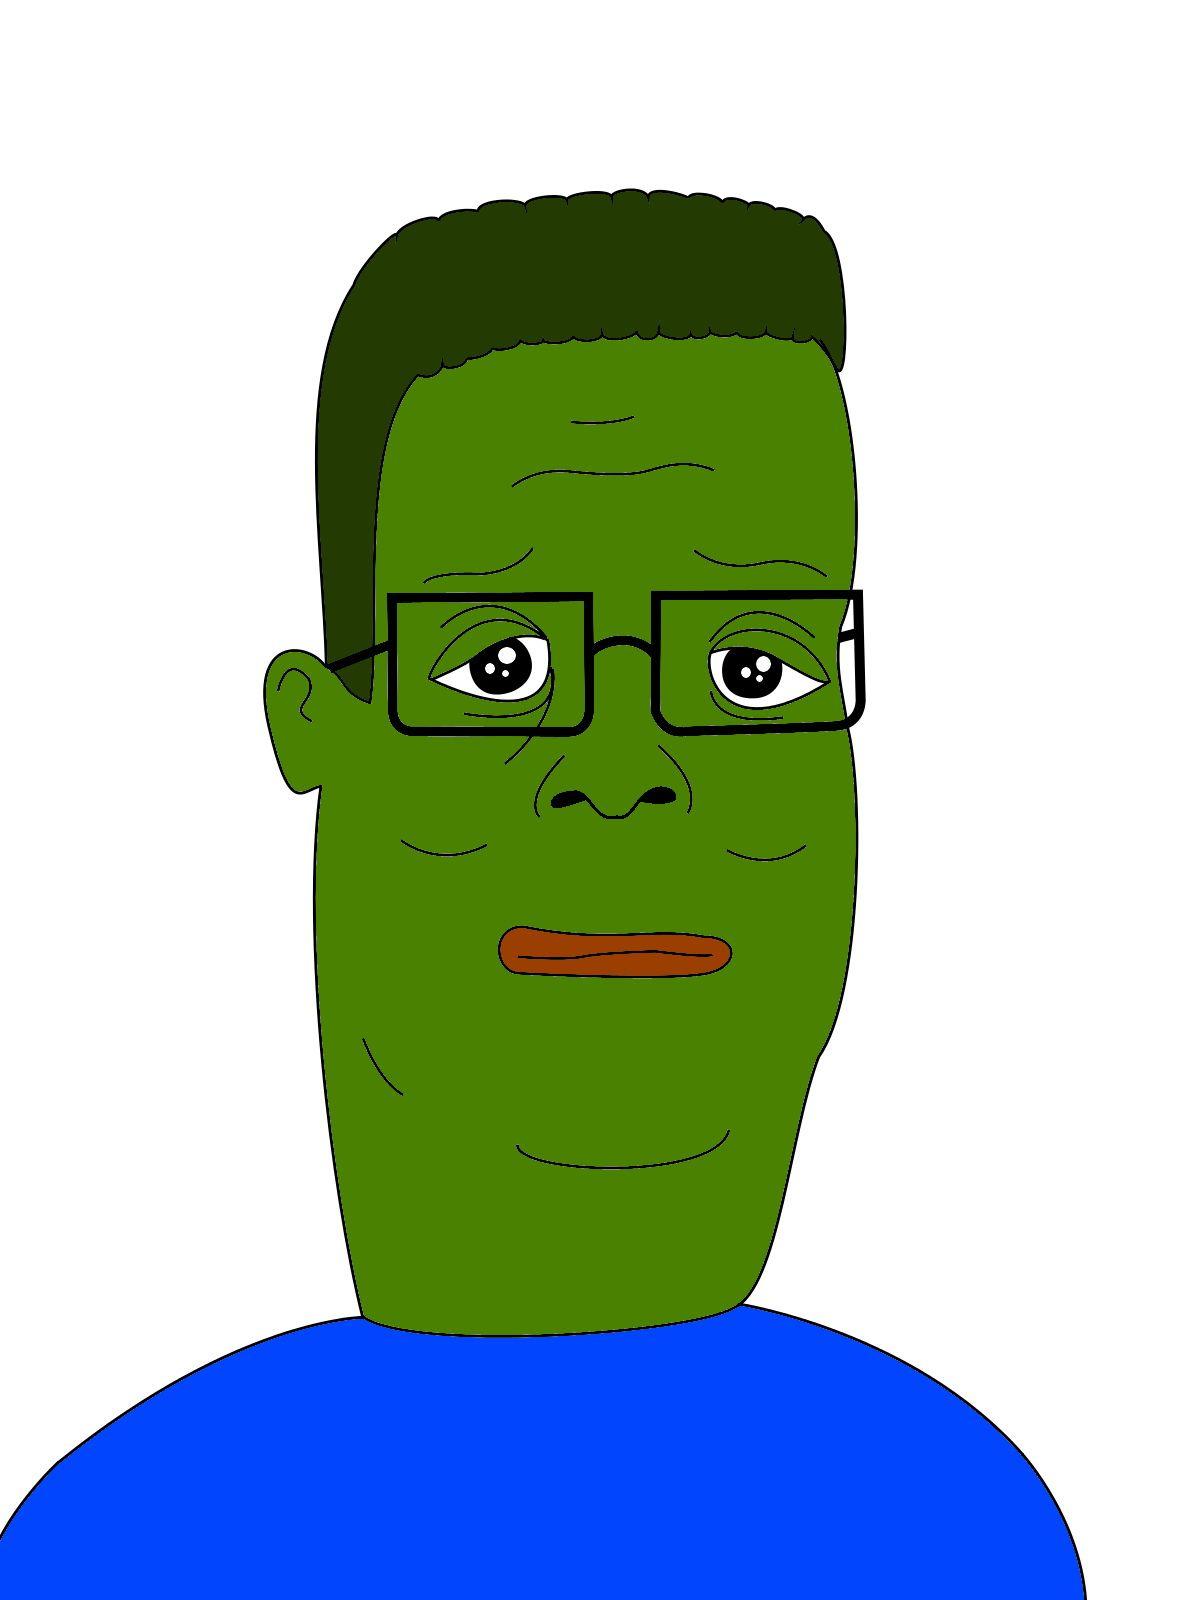 Thats A Rare Pepe Frog I Tell You What Imgur Rare Pepes